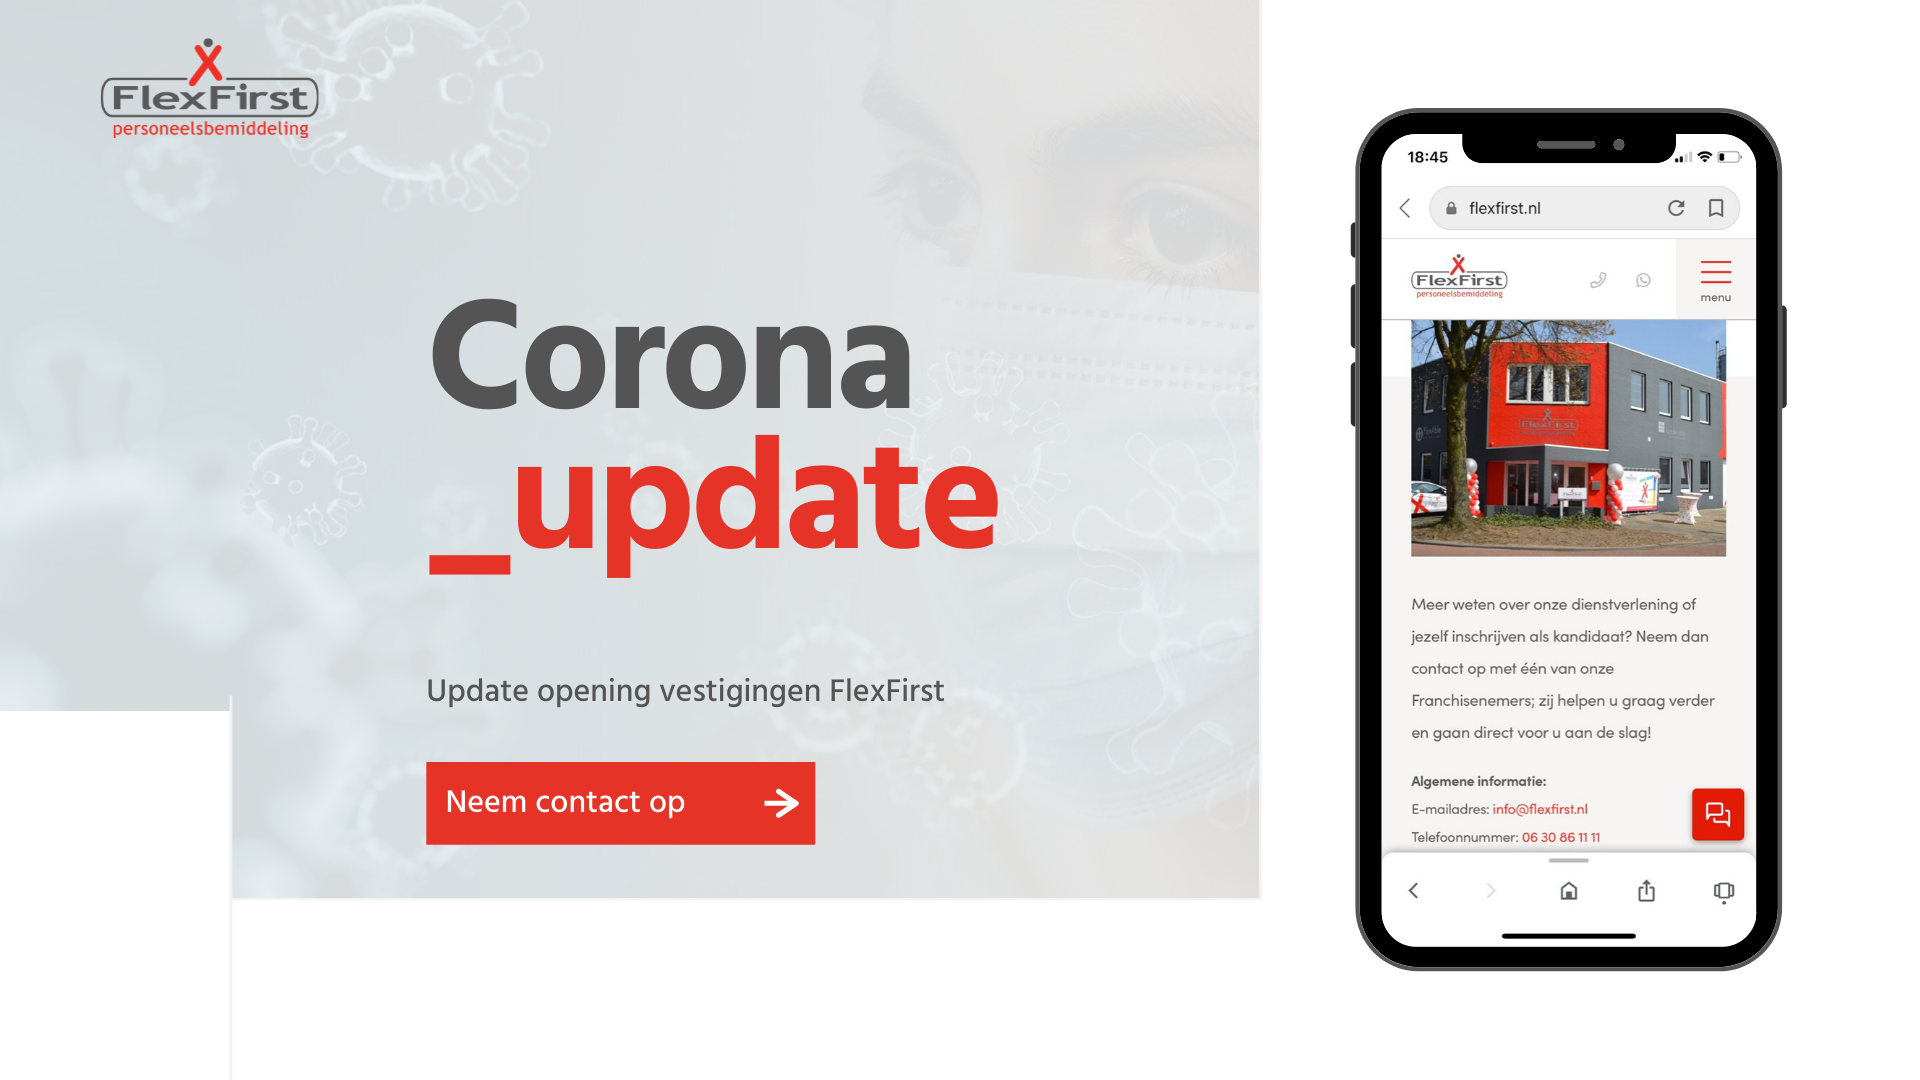 Update over opening van FlexFirst vestigingen tijdens Corona virus